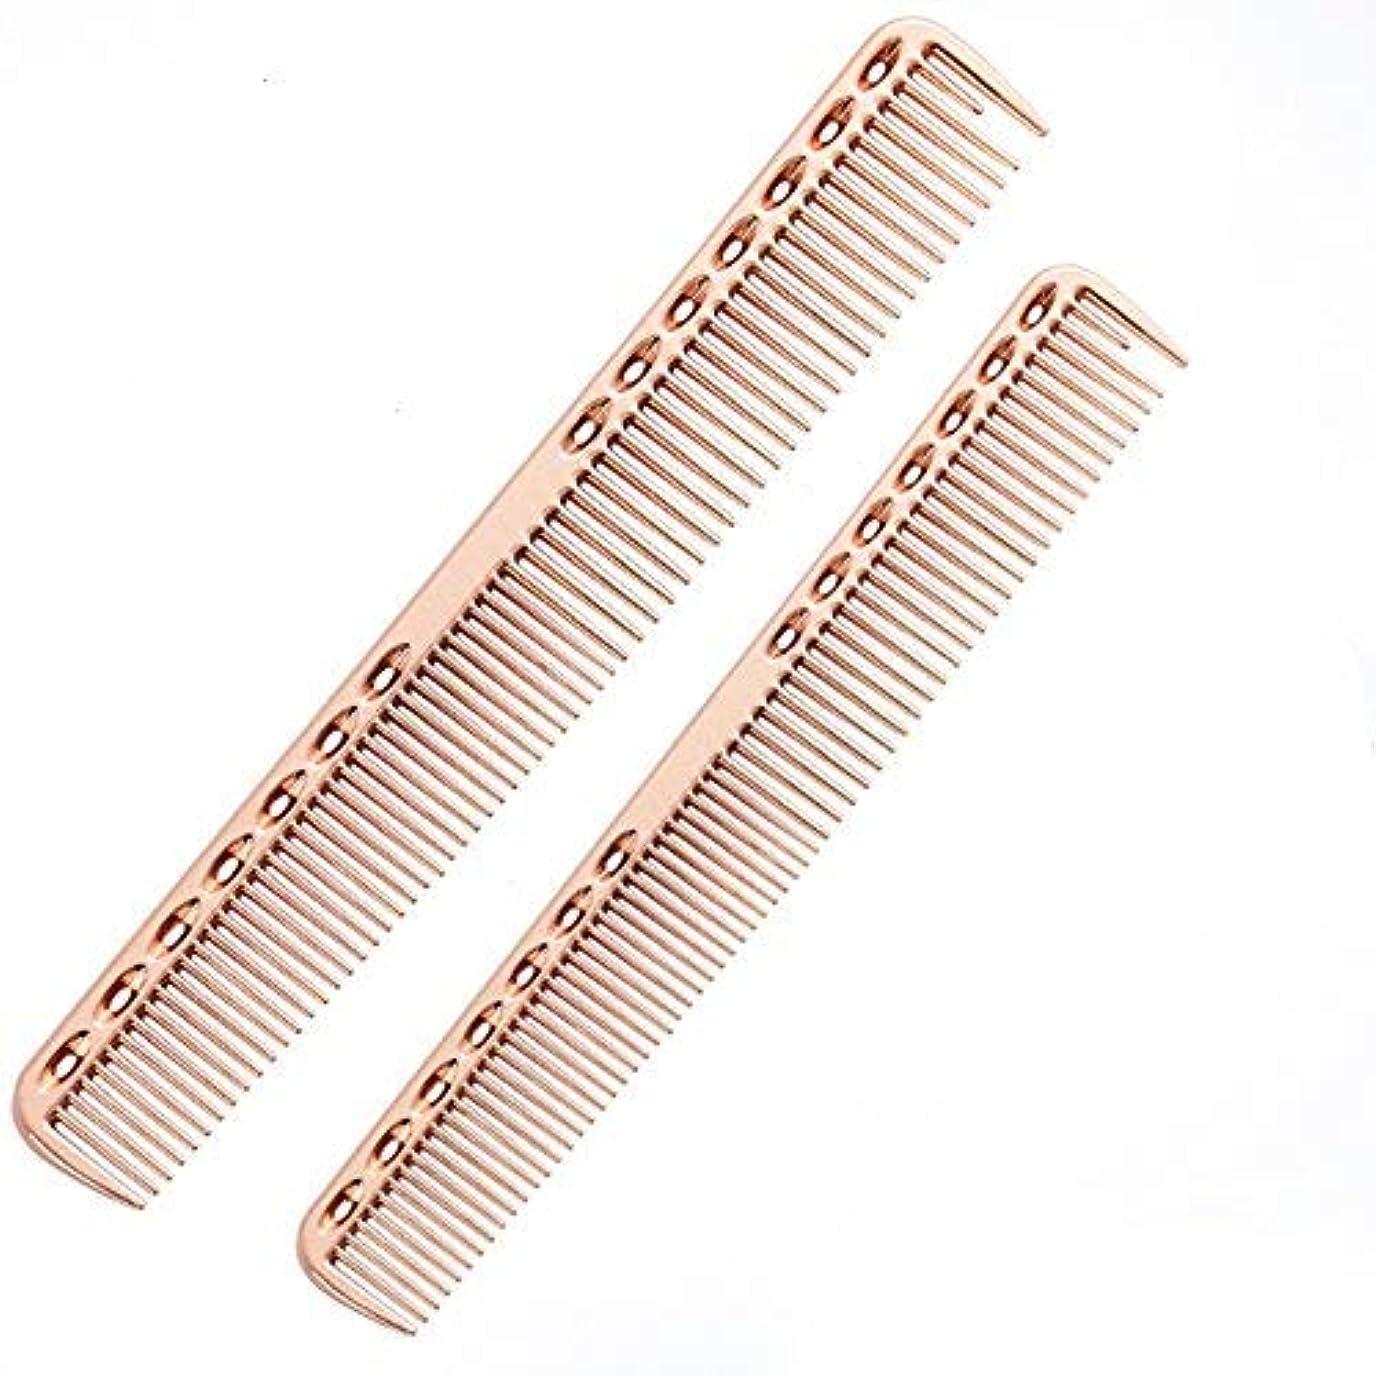 初期異なる語SMITH CHU Professional Space Aluminum Dressing Combs for Women - Best Styling Comb for Long,Wet or Curly, Reduce...